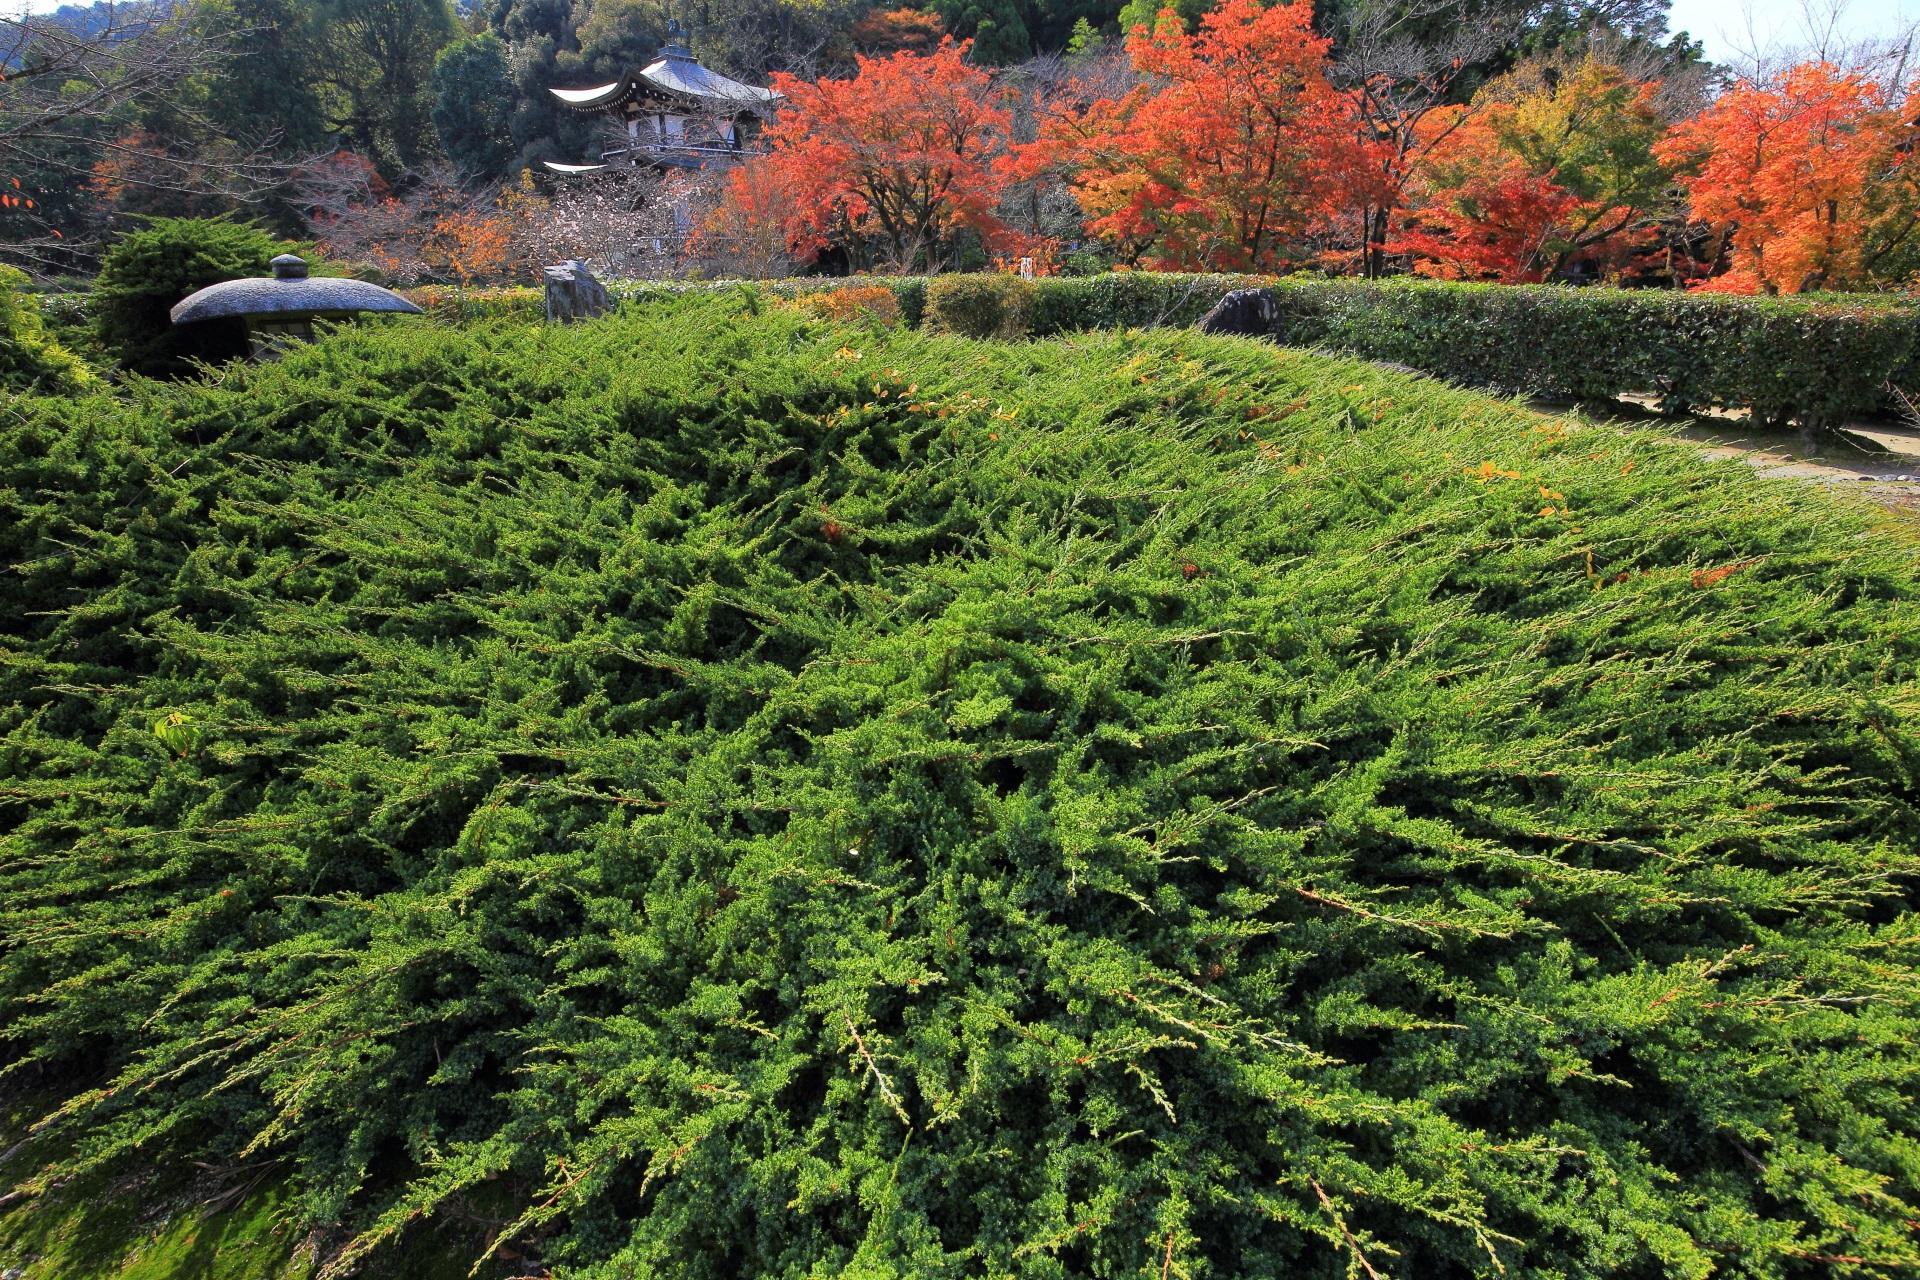 緑のハイビャクシンと赤やオレンジ色の紅葉と観音堂